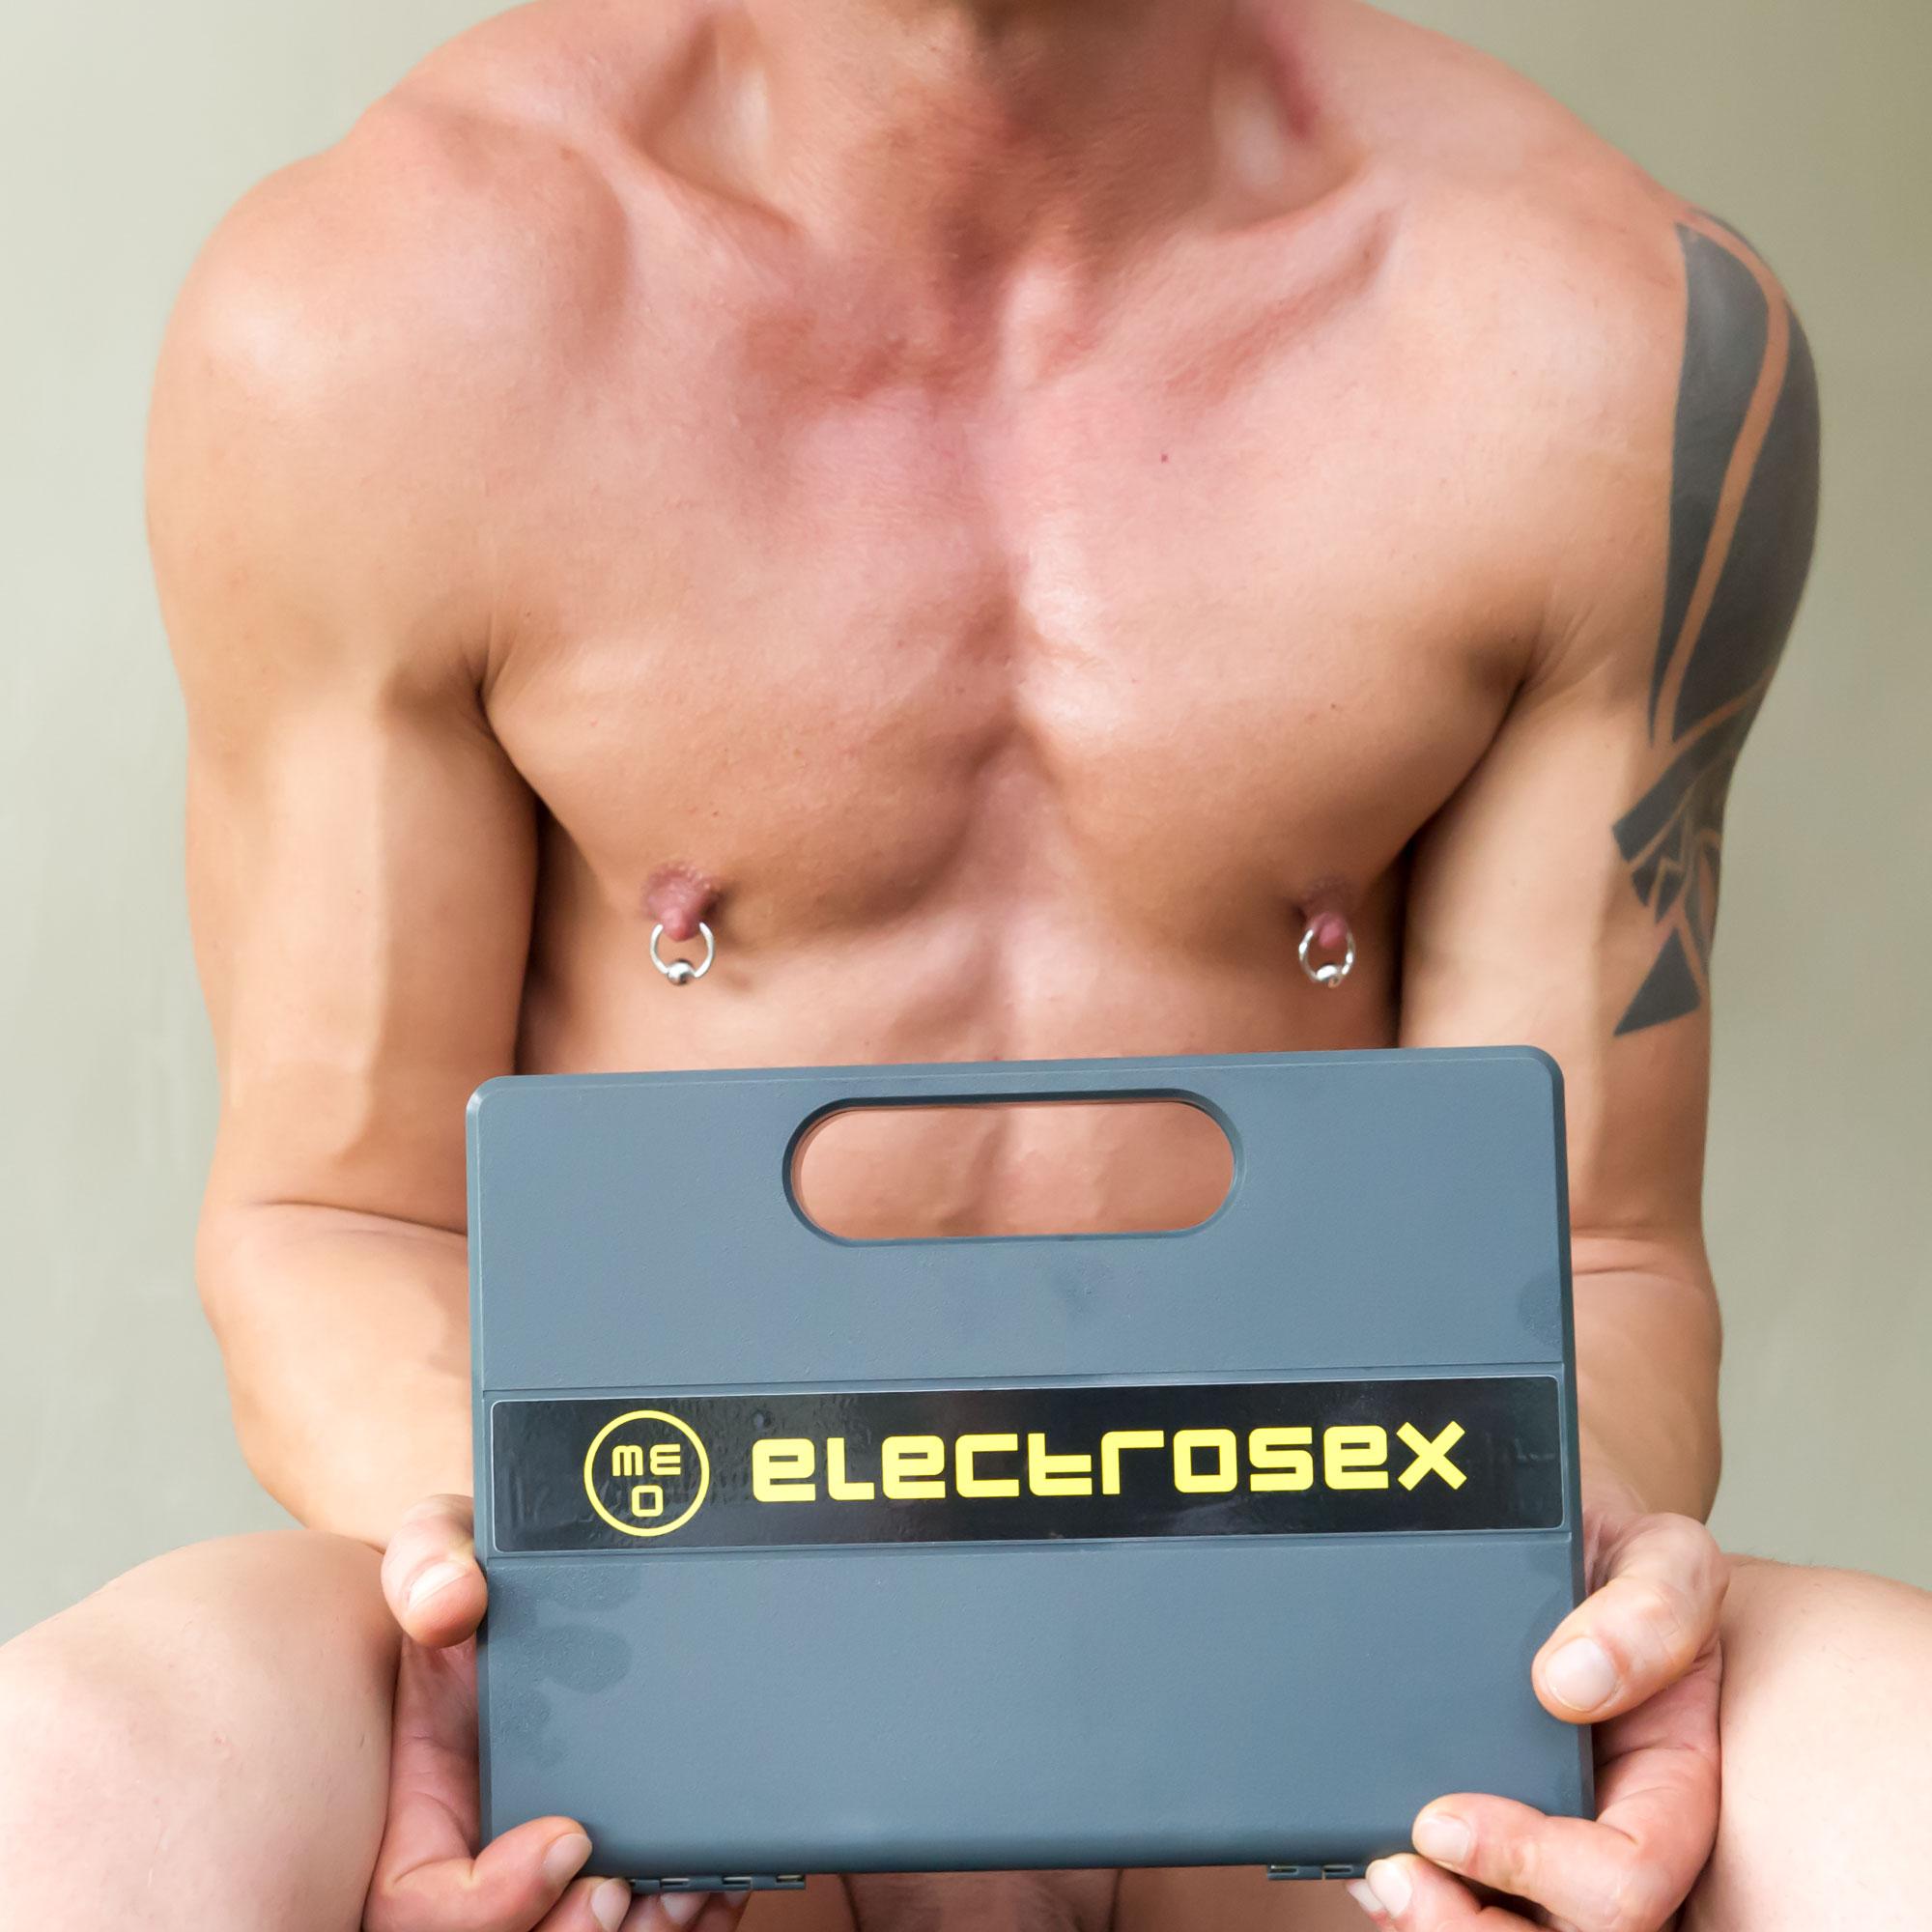 Electrostim during sex